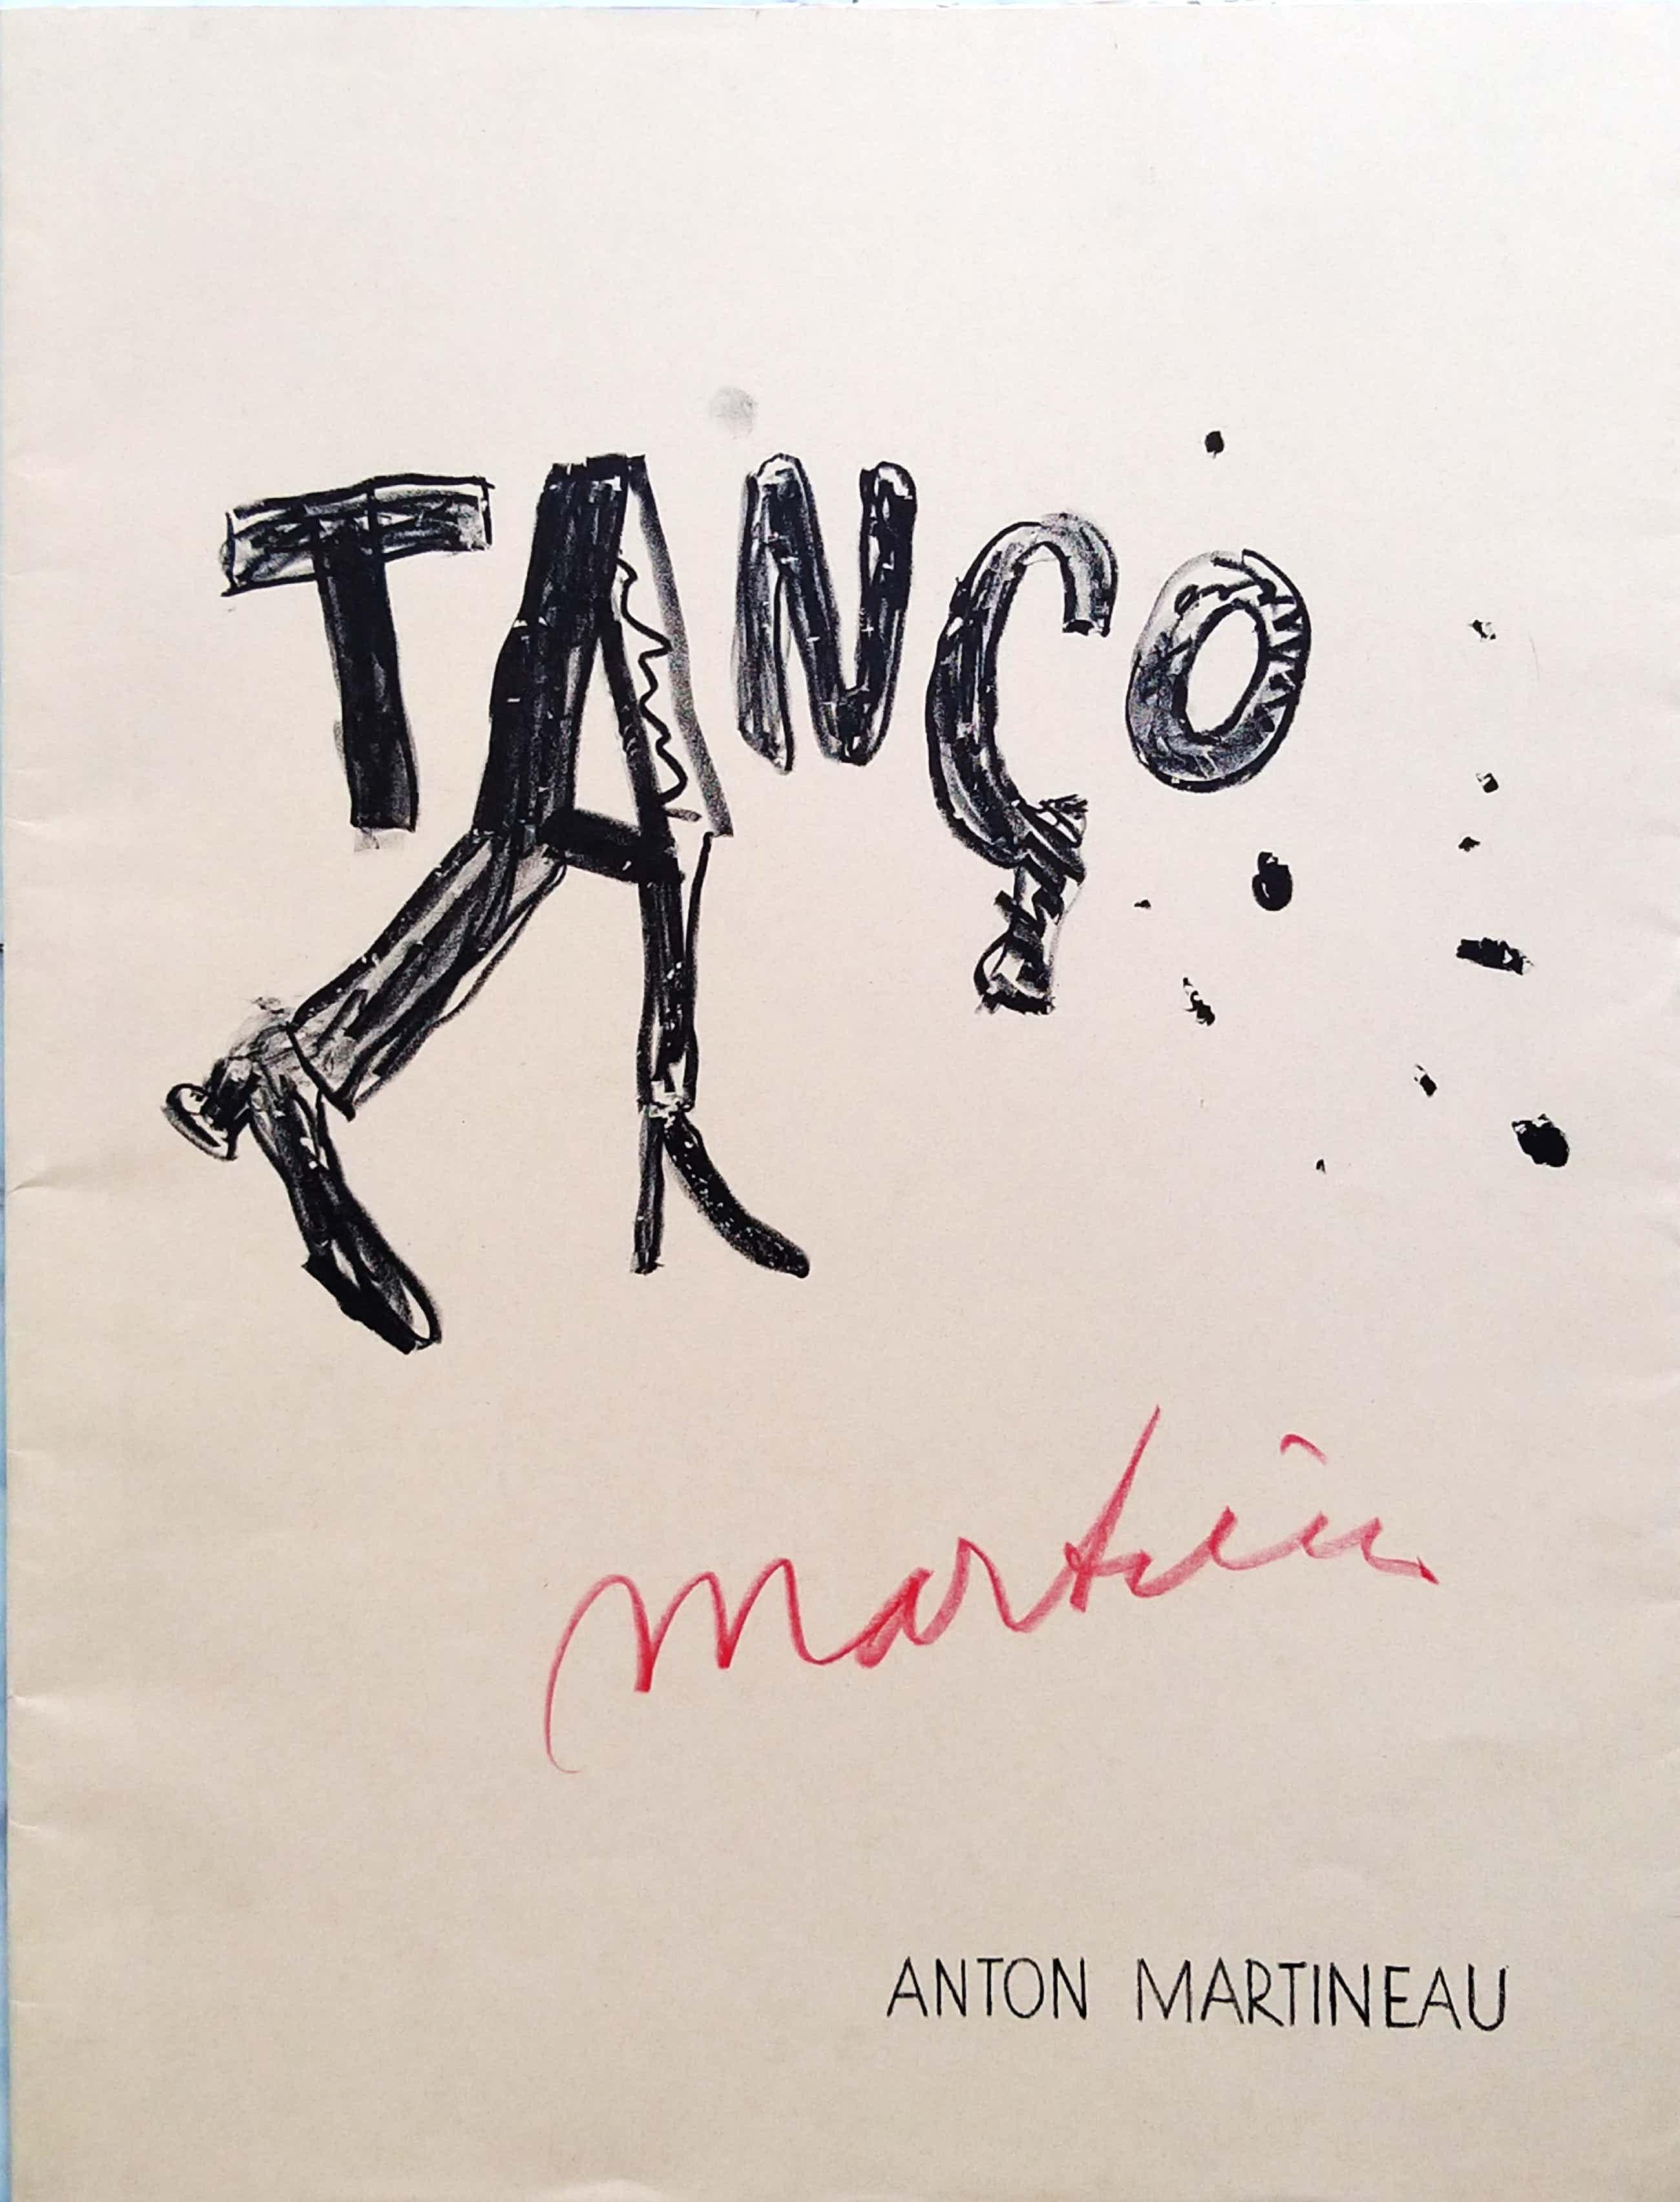 Anton Martineau - MAP van TANGO - 6x Litho op papier kopen? Bied vanaf 325!